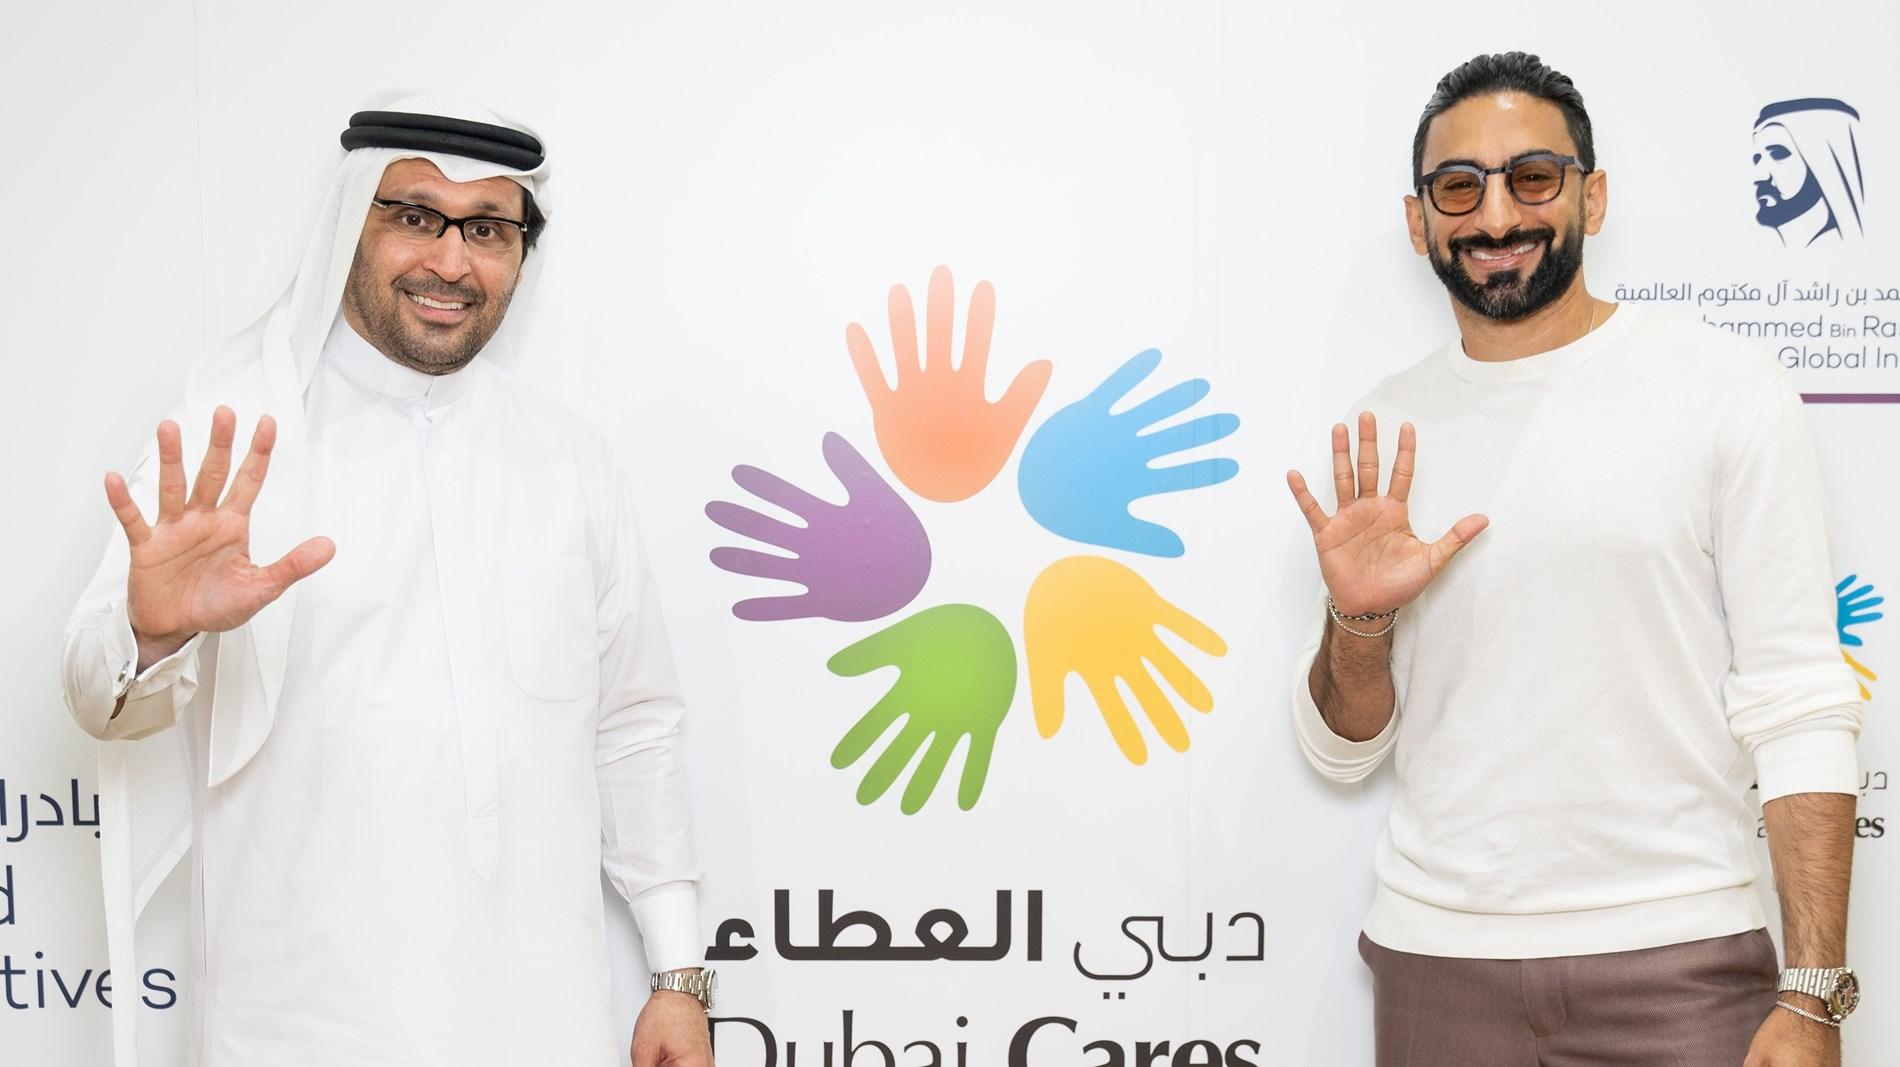 «دبي العطاء» و«ABtalks» تجمعان 1.7 مليون درهم لدعم تعليم الأطفال